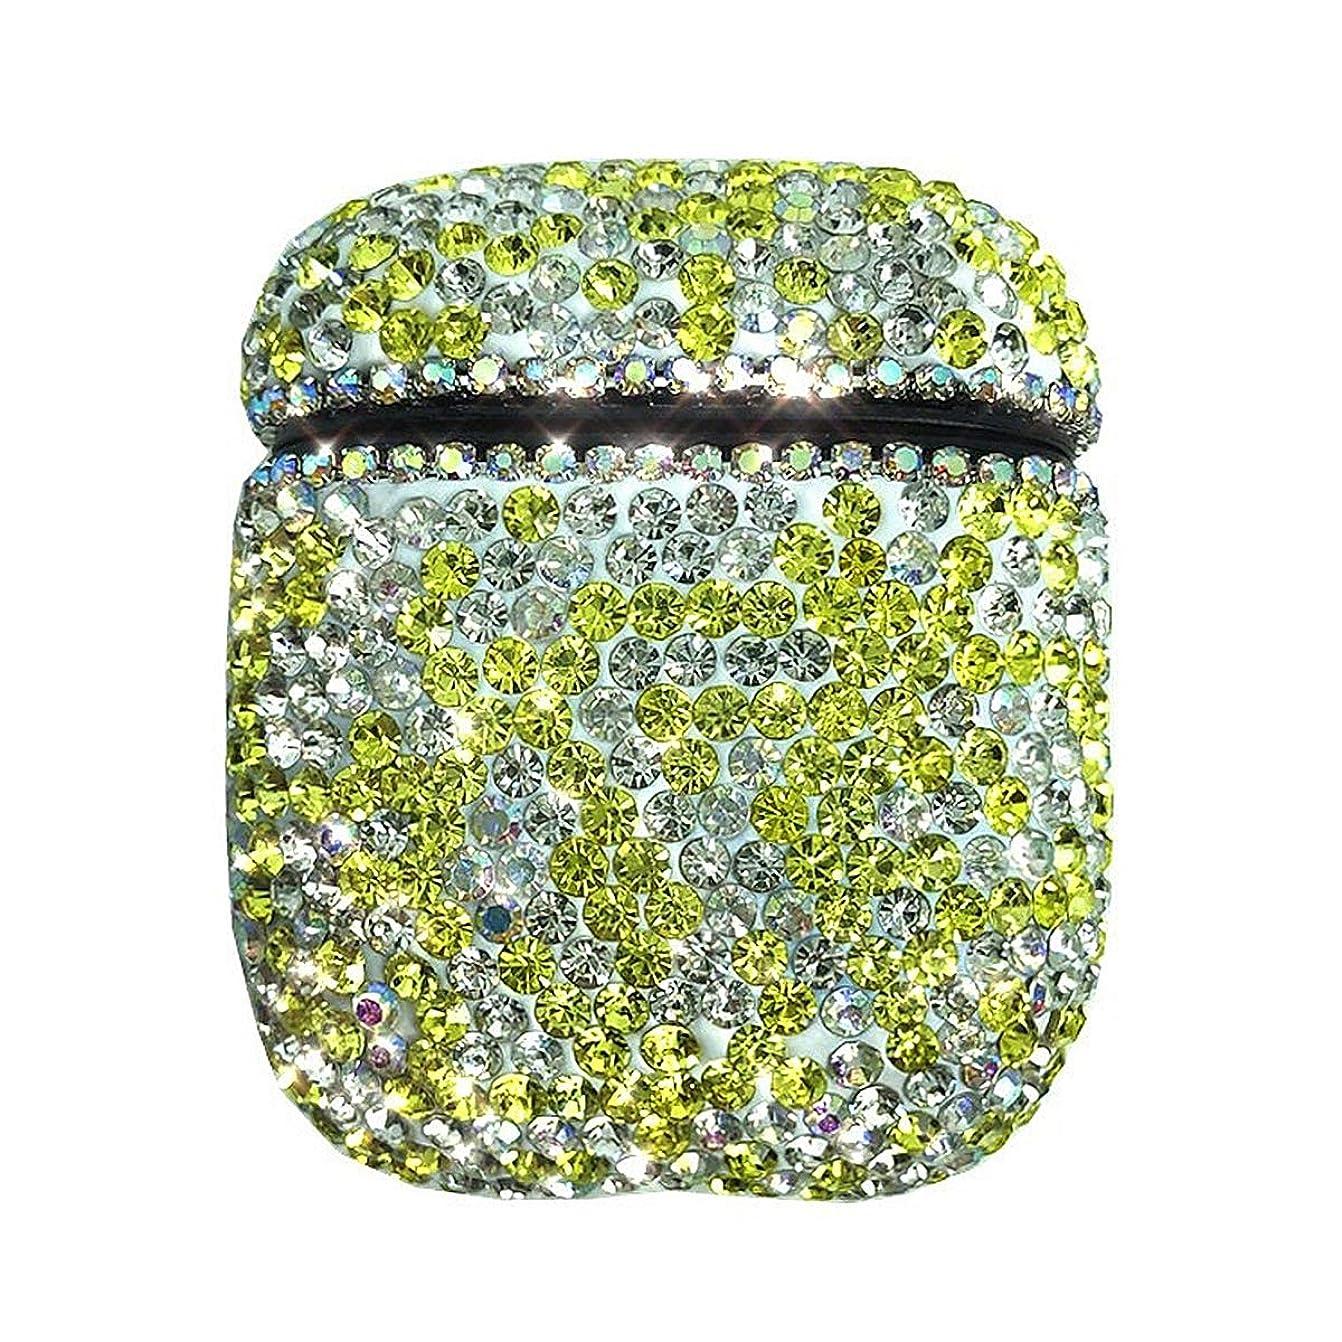 転用酸素殺人キラキラクリスタルダイヤモンドエアポッドケース、手作りの高級ラインストーン保護充電カバー用エアポッド2と1イヤホンアクセサリーかわいい女の子,Yellow